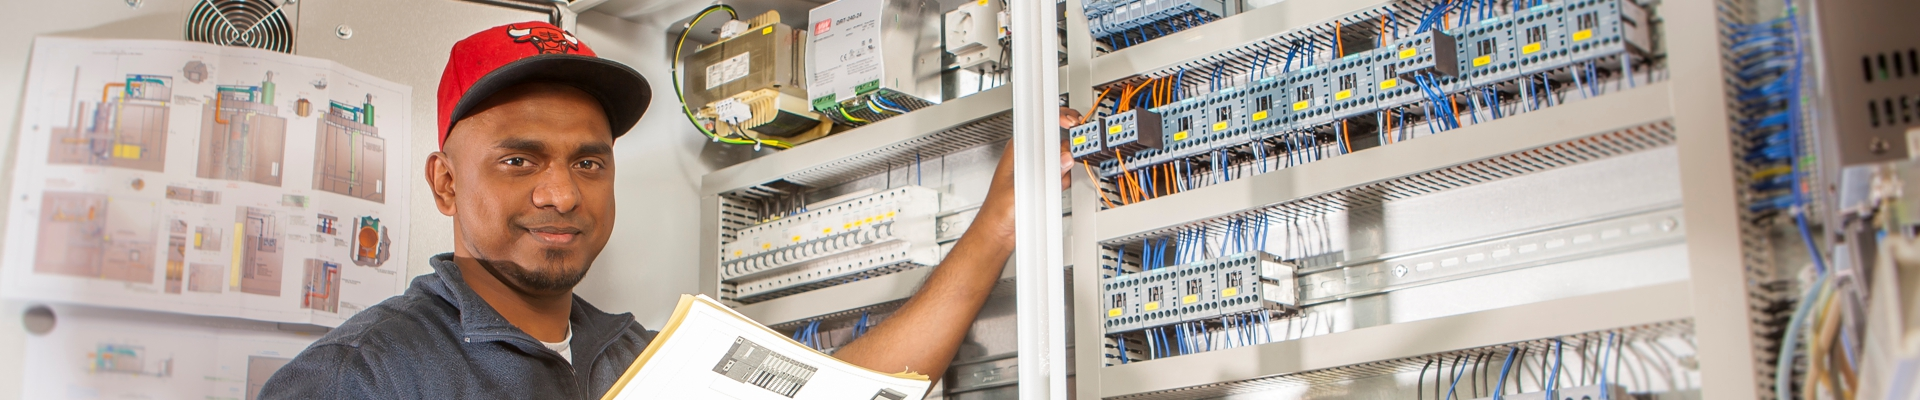 KMA Umwelttechnik Elektroniker mit Berufserfahrung bei der Arbeit